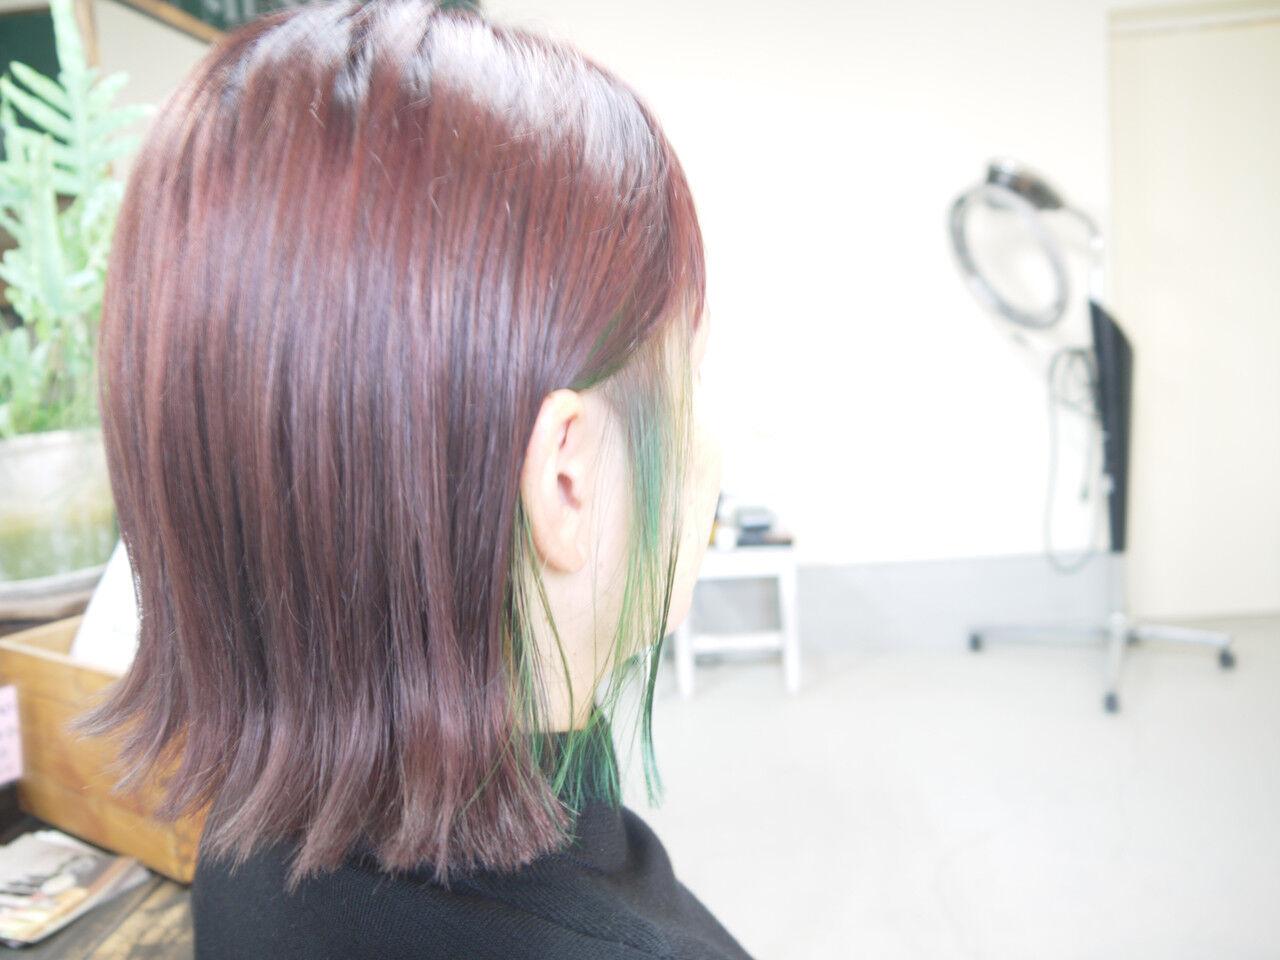 ラベンダーピンク インナーカラー ピンクバイオレット ボブヘアスタイルや髪型の写真・画像